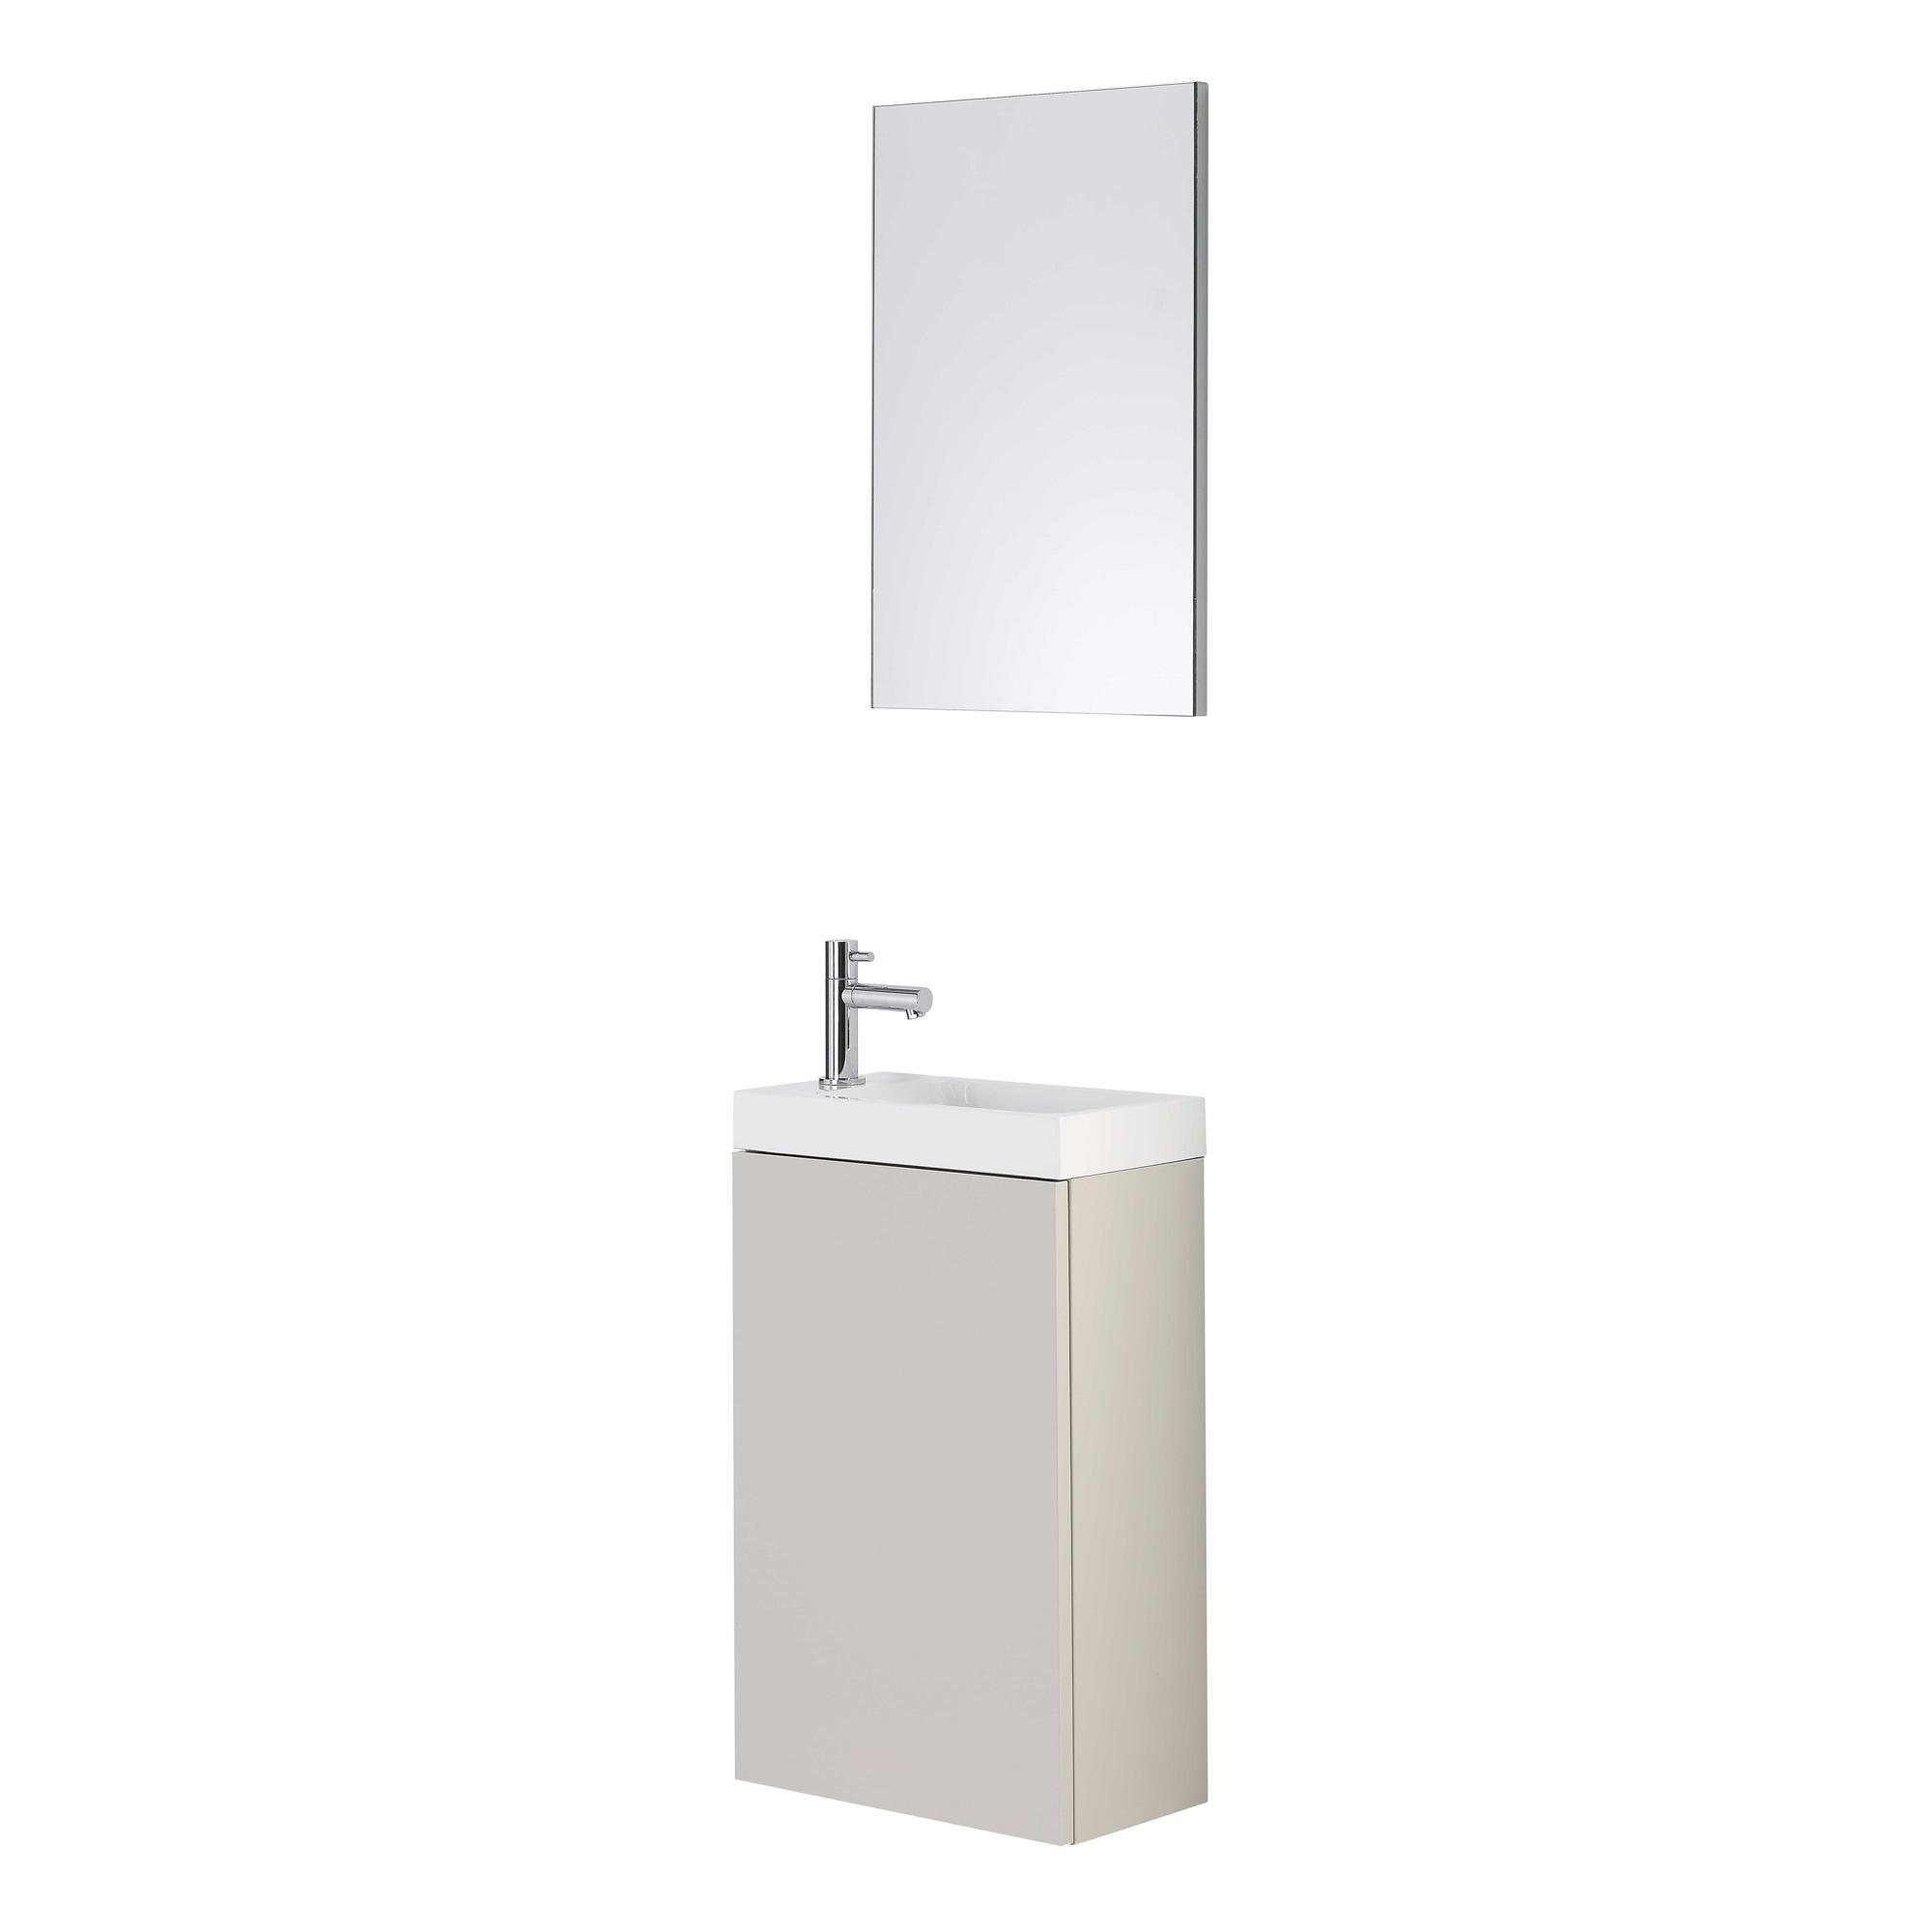 Meubles lave mains comparer les prix des meubles lave for Lave main avec meuble